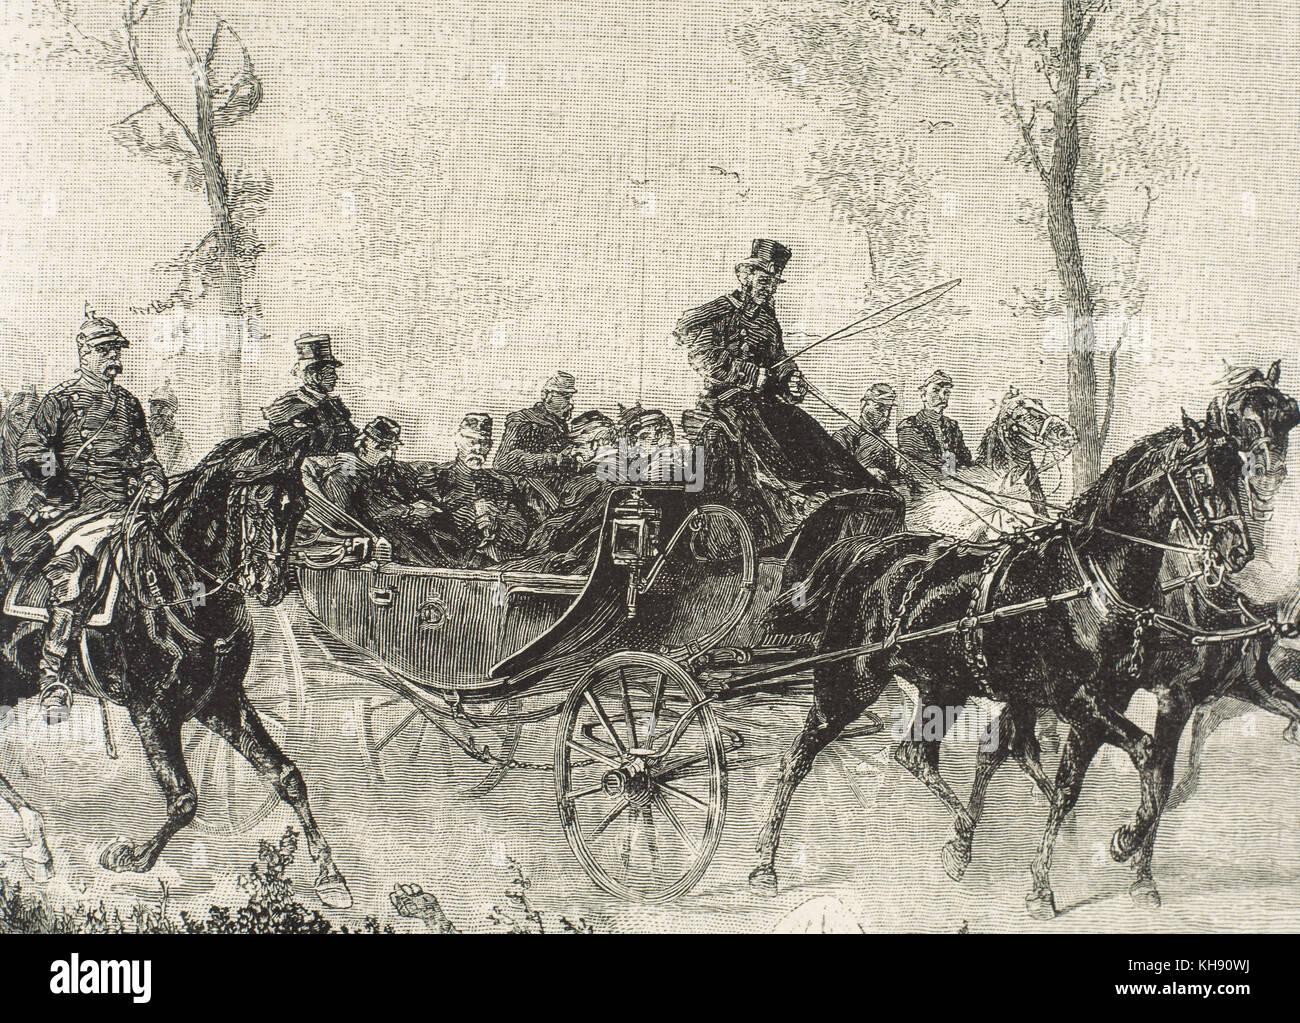 La guerra franco-prusiana. 1870-1871. Napoleón Bonaparte (1808-1873) tomado prisionero por el ejército prusiano, después de la batalla de sedan (septiembre, 1870). grabado. Siglo xix. Foto de stock